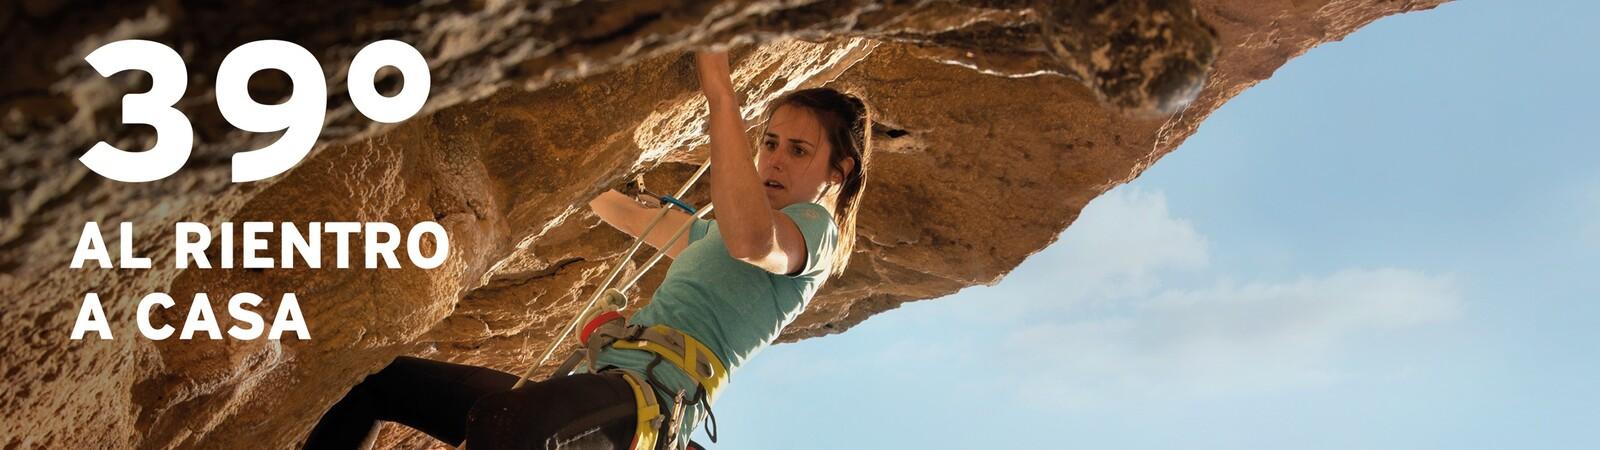 Donna che sta scalando in arrampicata una parete da roccia